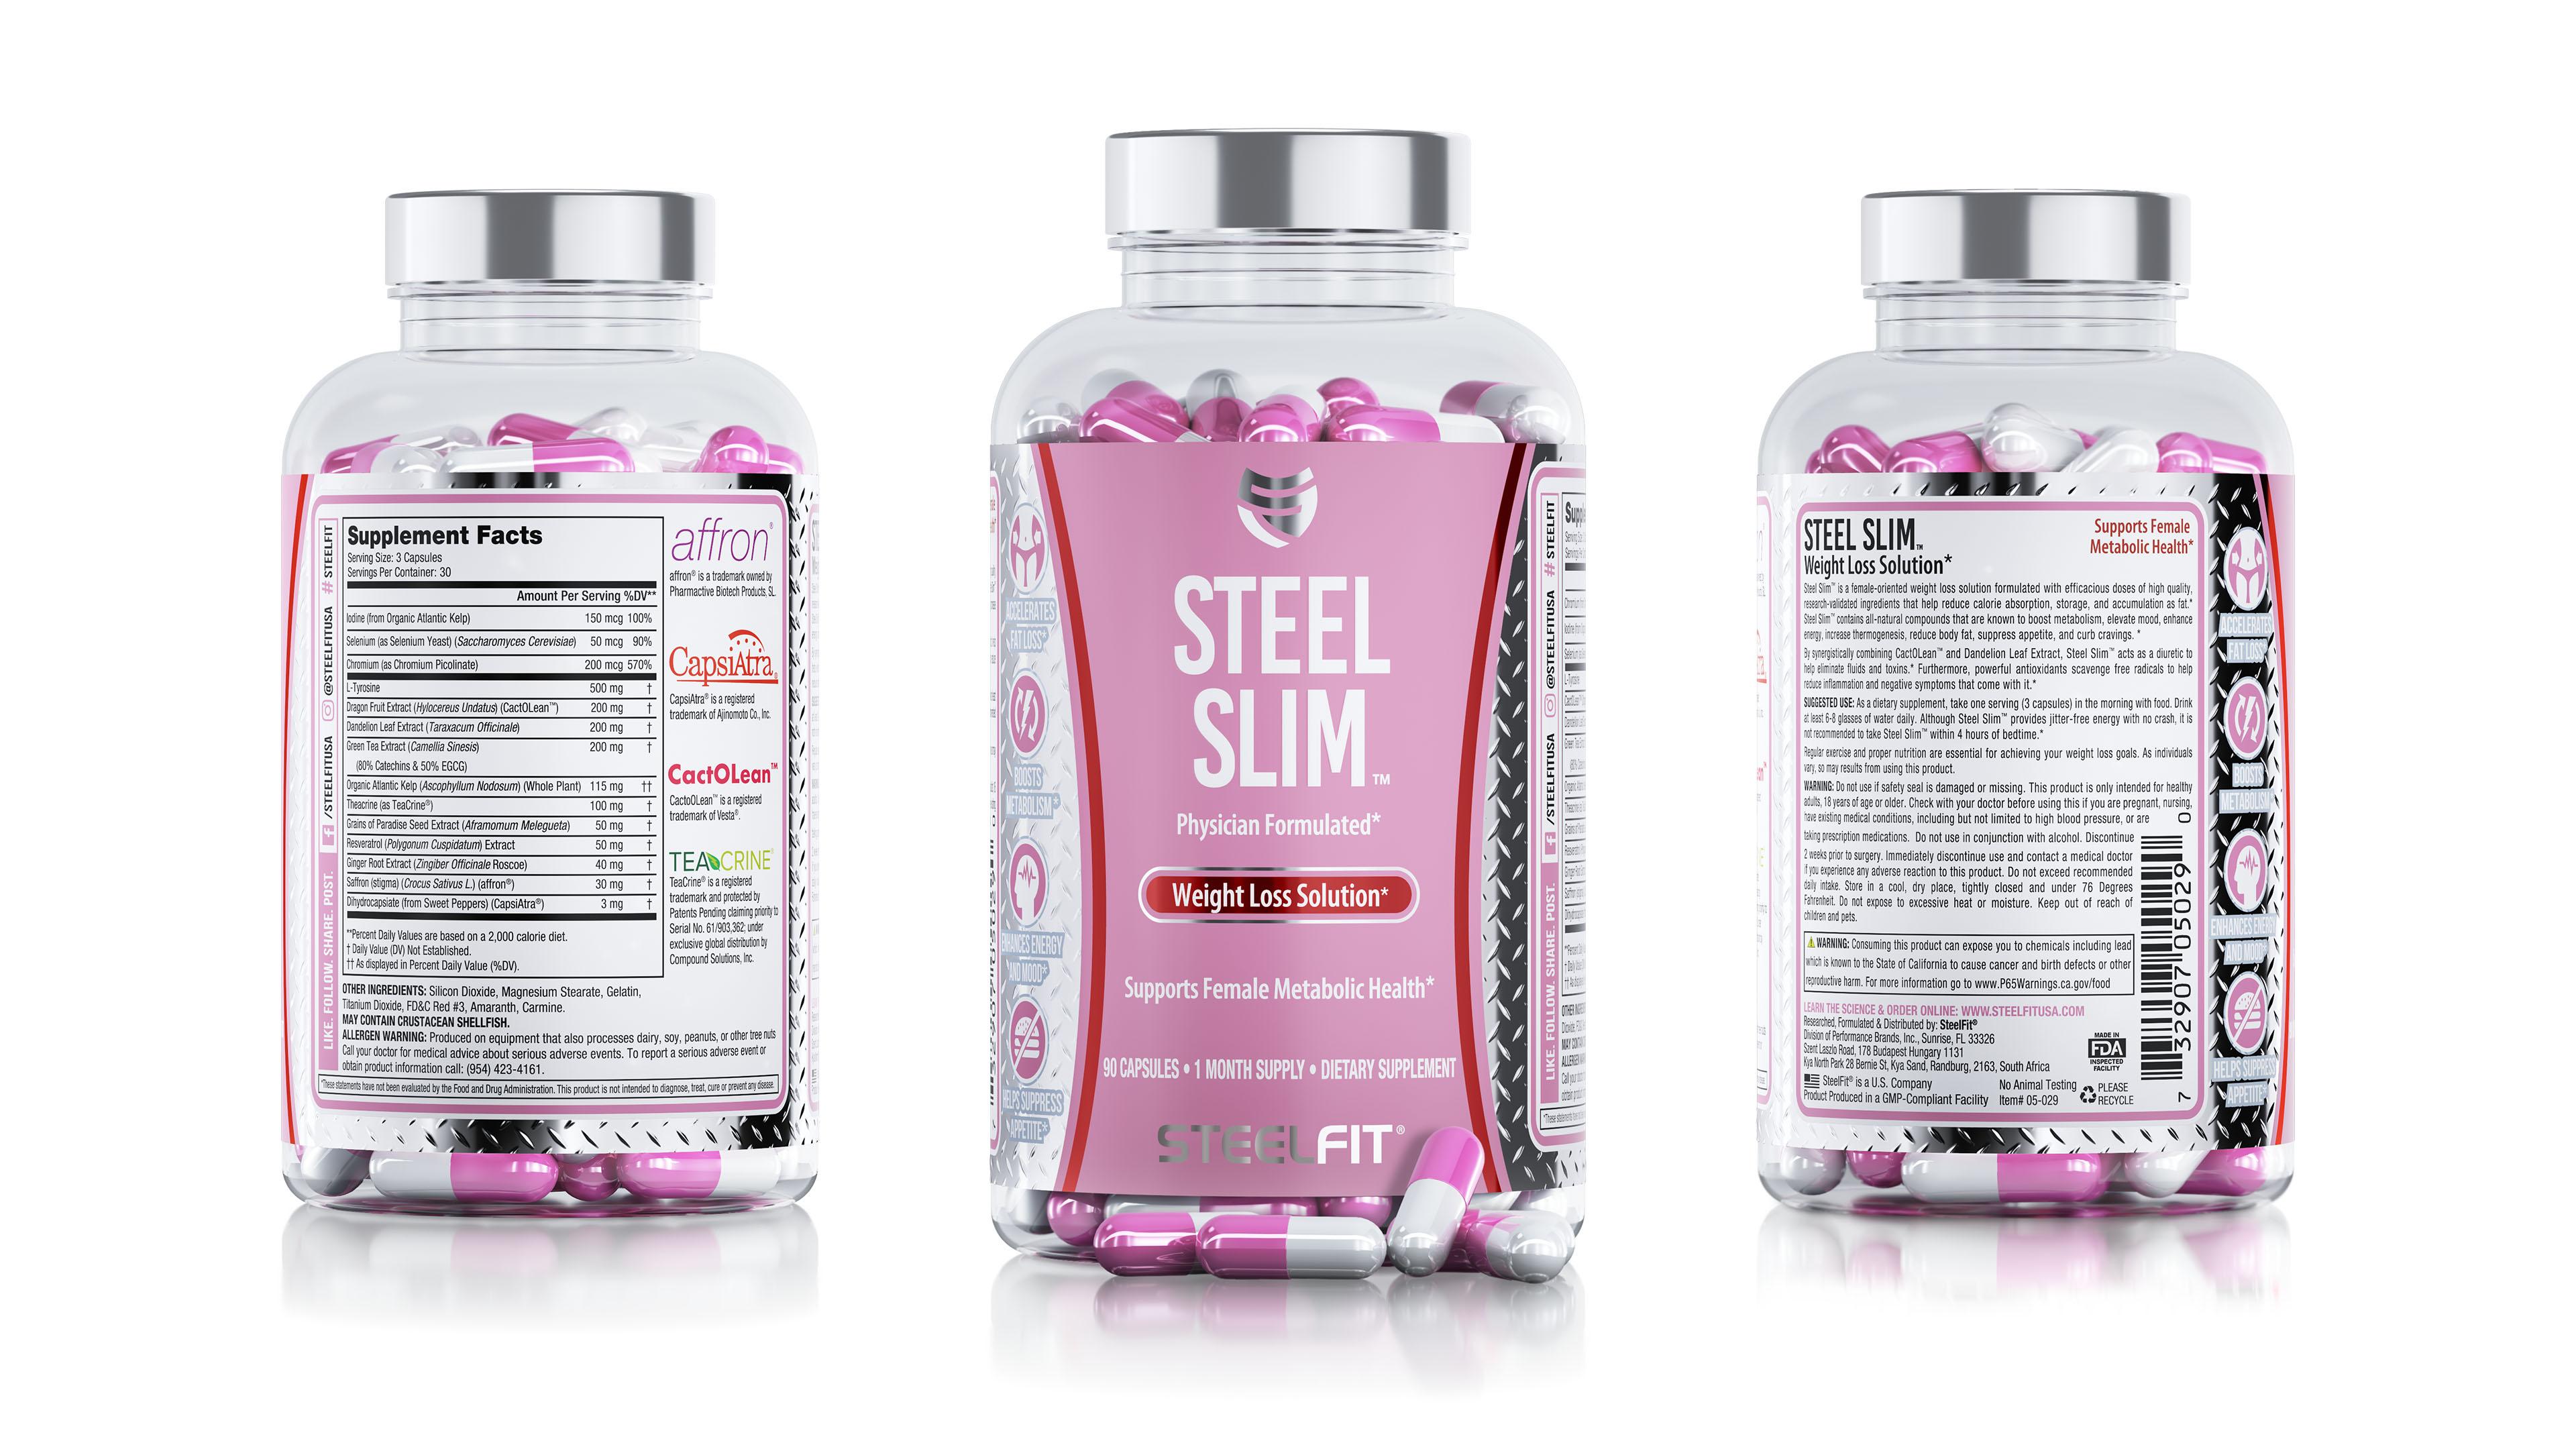 Steel Slim nutrition capsule container package renderings